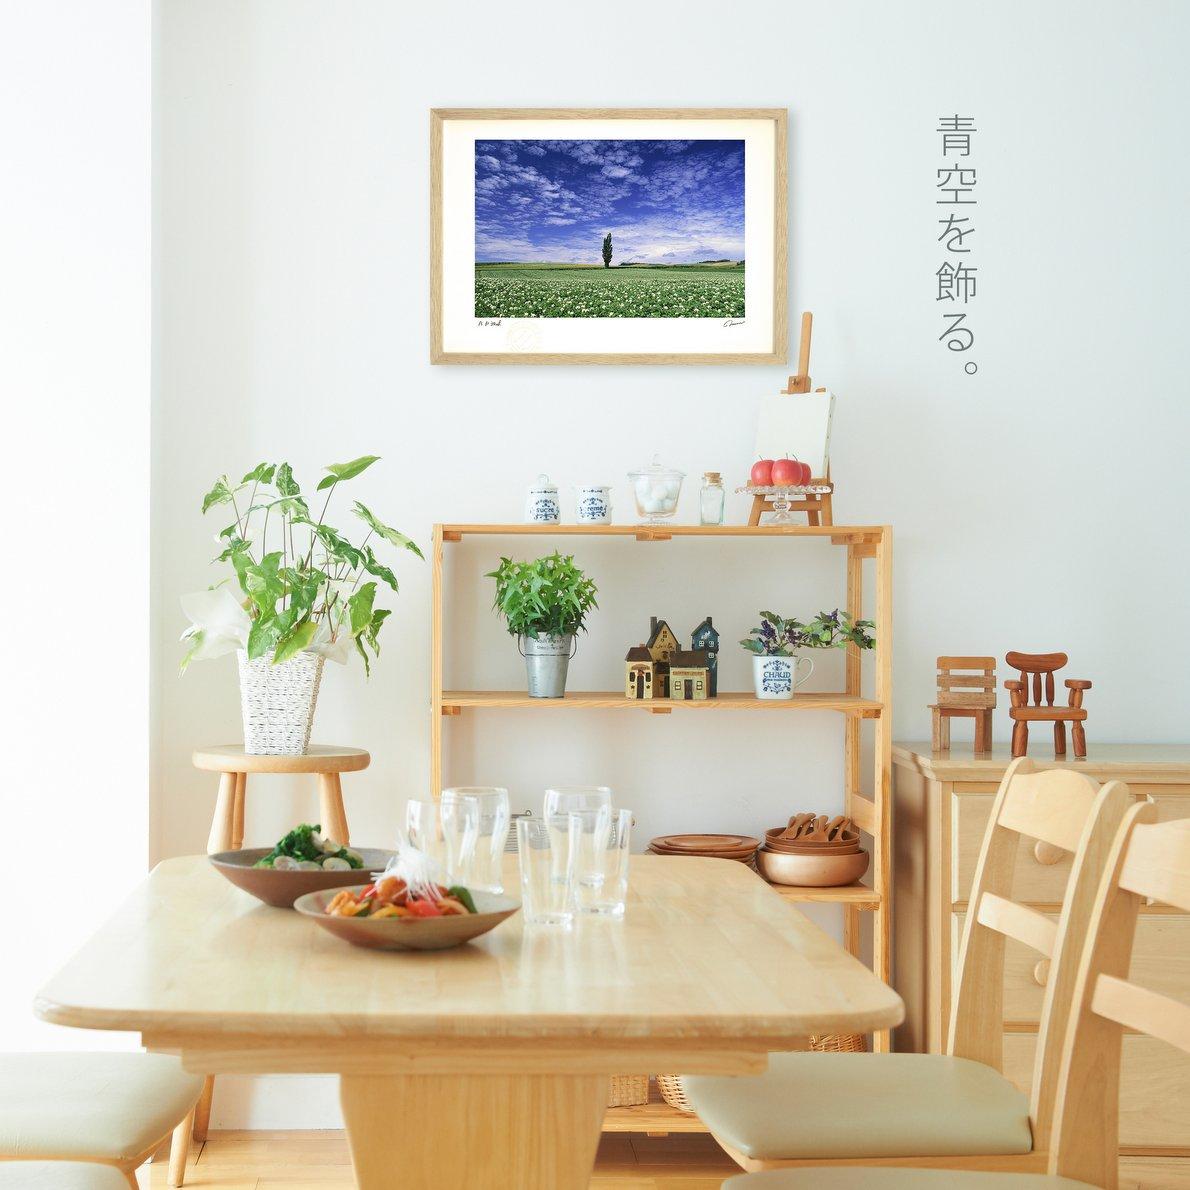 《アートフォト》桜1/富良野市〔富良野・高橋真澄〕(レンタル対象)